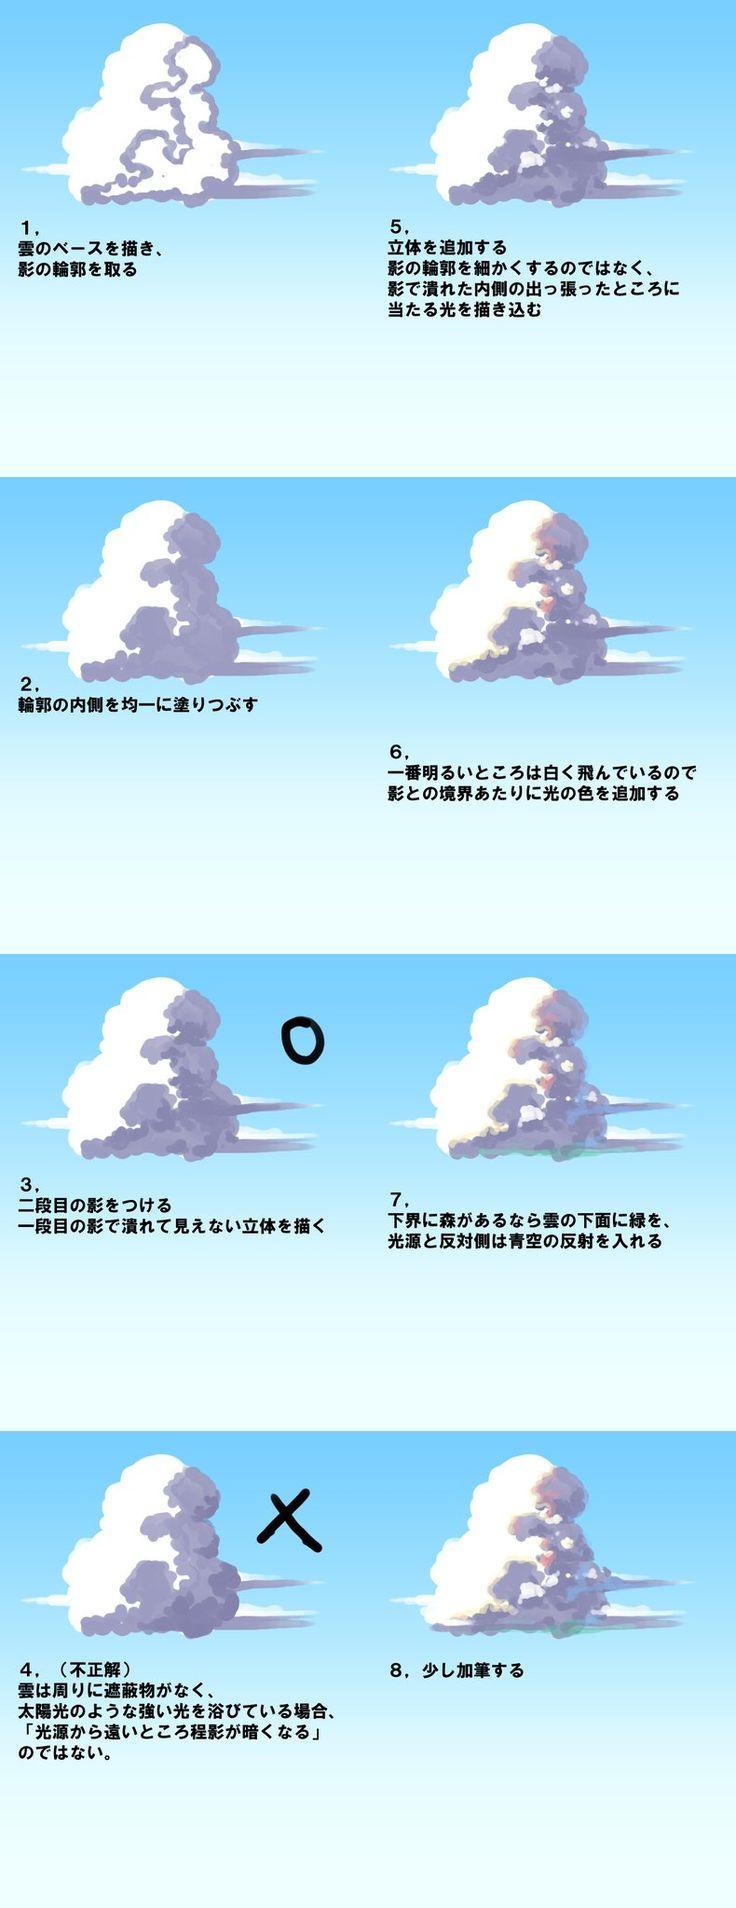 """""""さっきの雲の過程です。 psd→https://t.co/yO8HrK30mr #お絵描きの資料にどうぞ"""""""